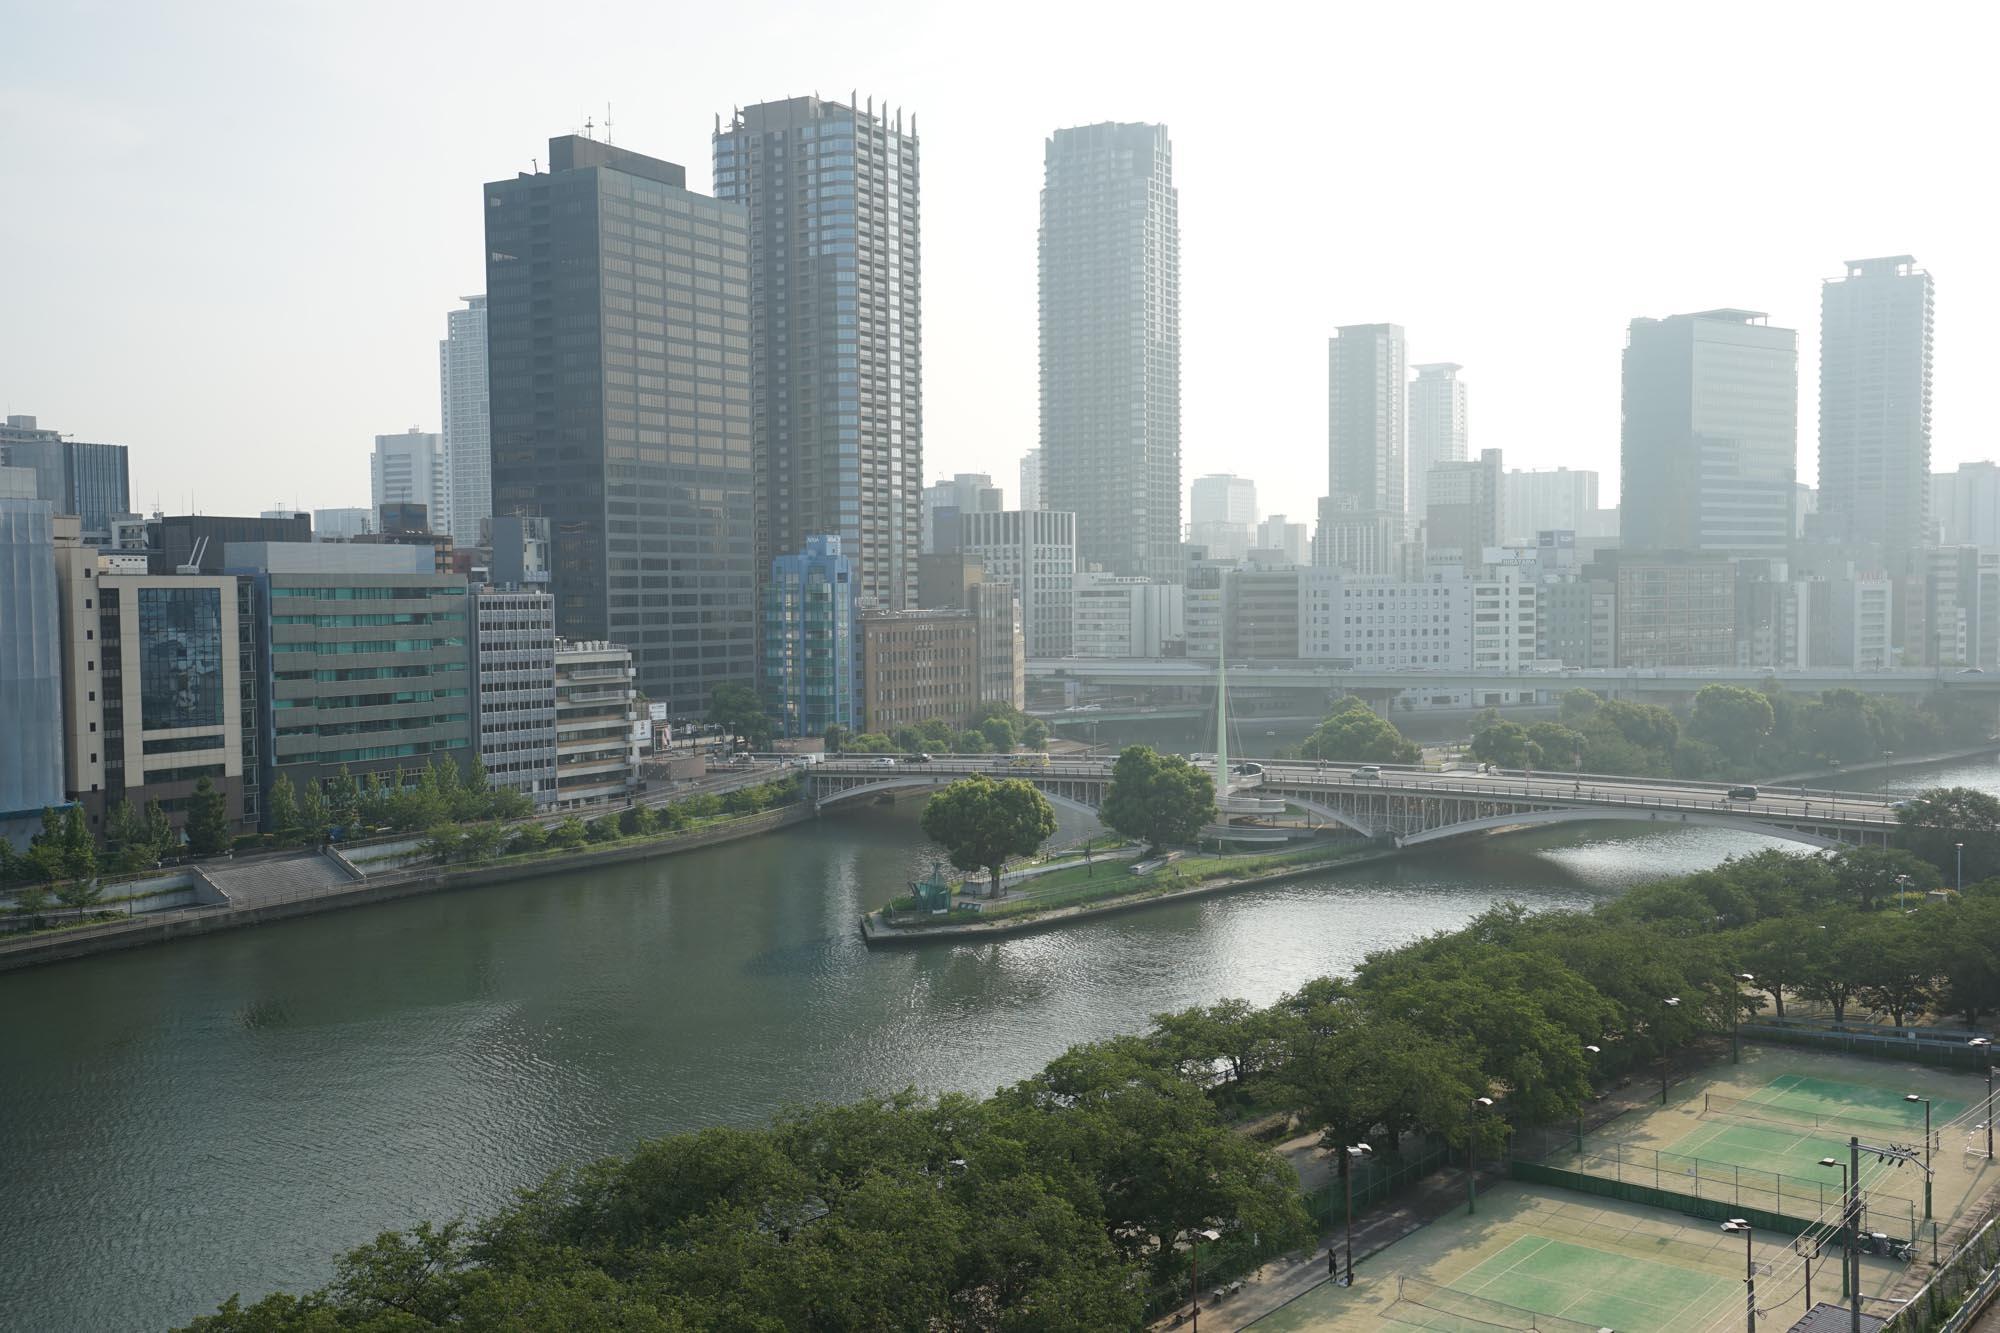 中之島公園がほとんど目の前。梅田や北浜にお勤めの方でしたら、徒歩や自転車で通勤可能なエリアです。